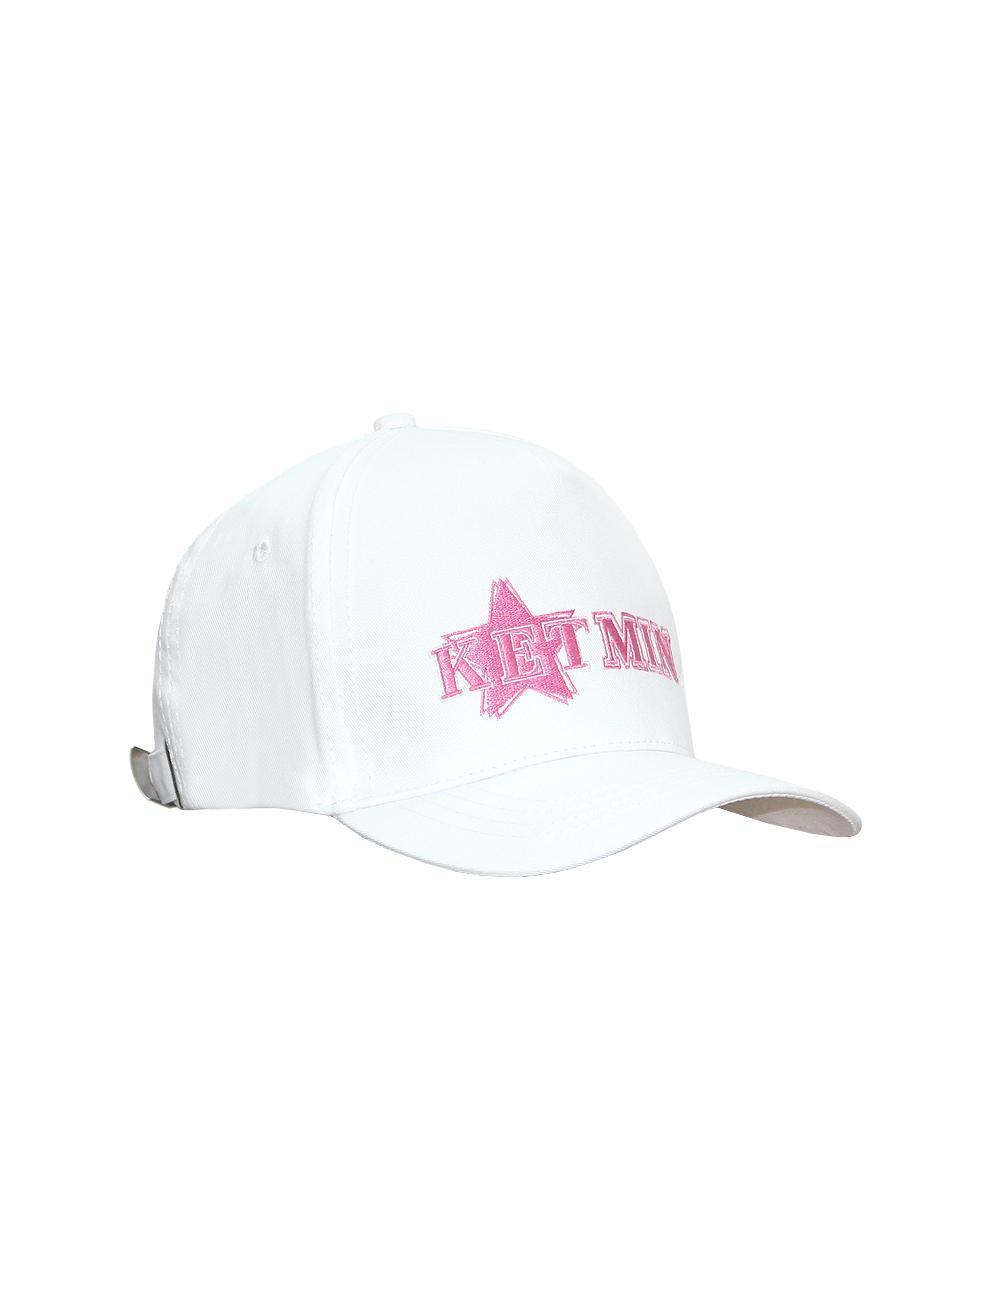 Бейсболка KETMIN цв.Белый/розовый